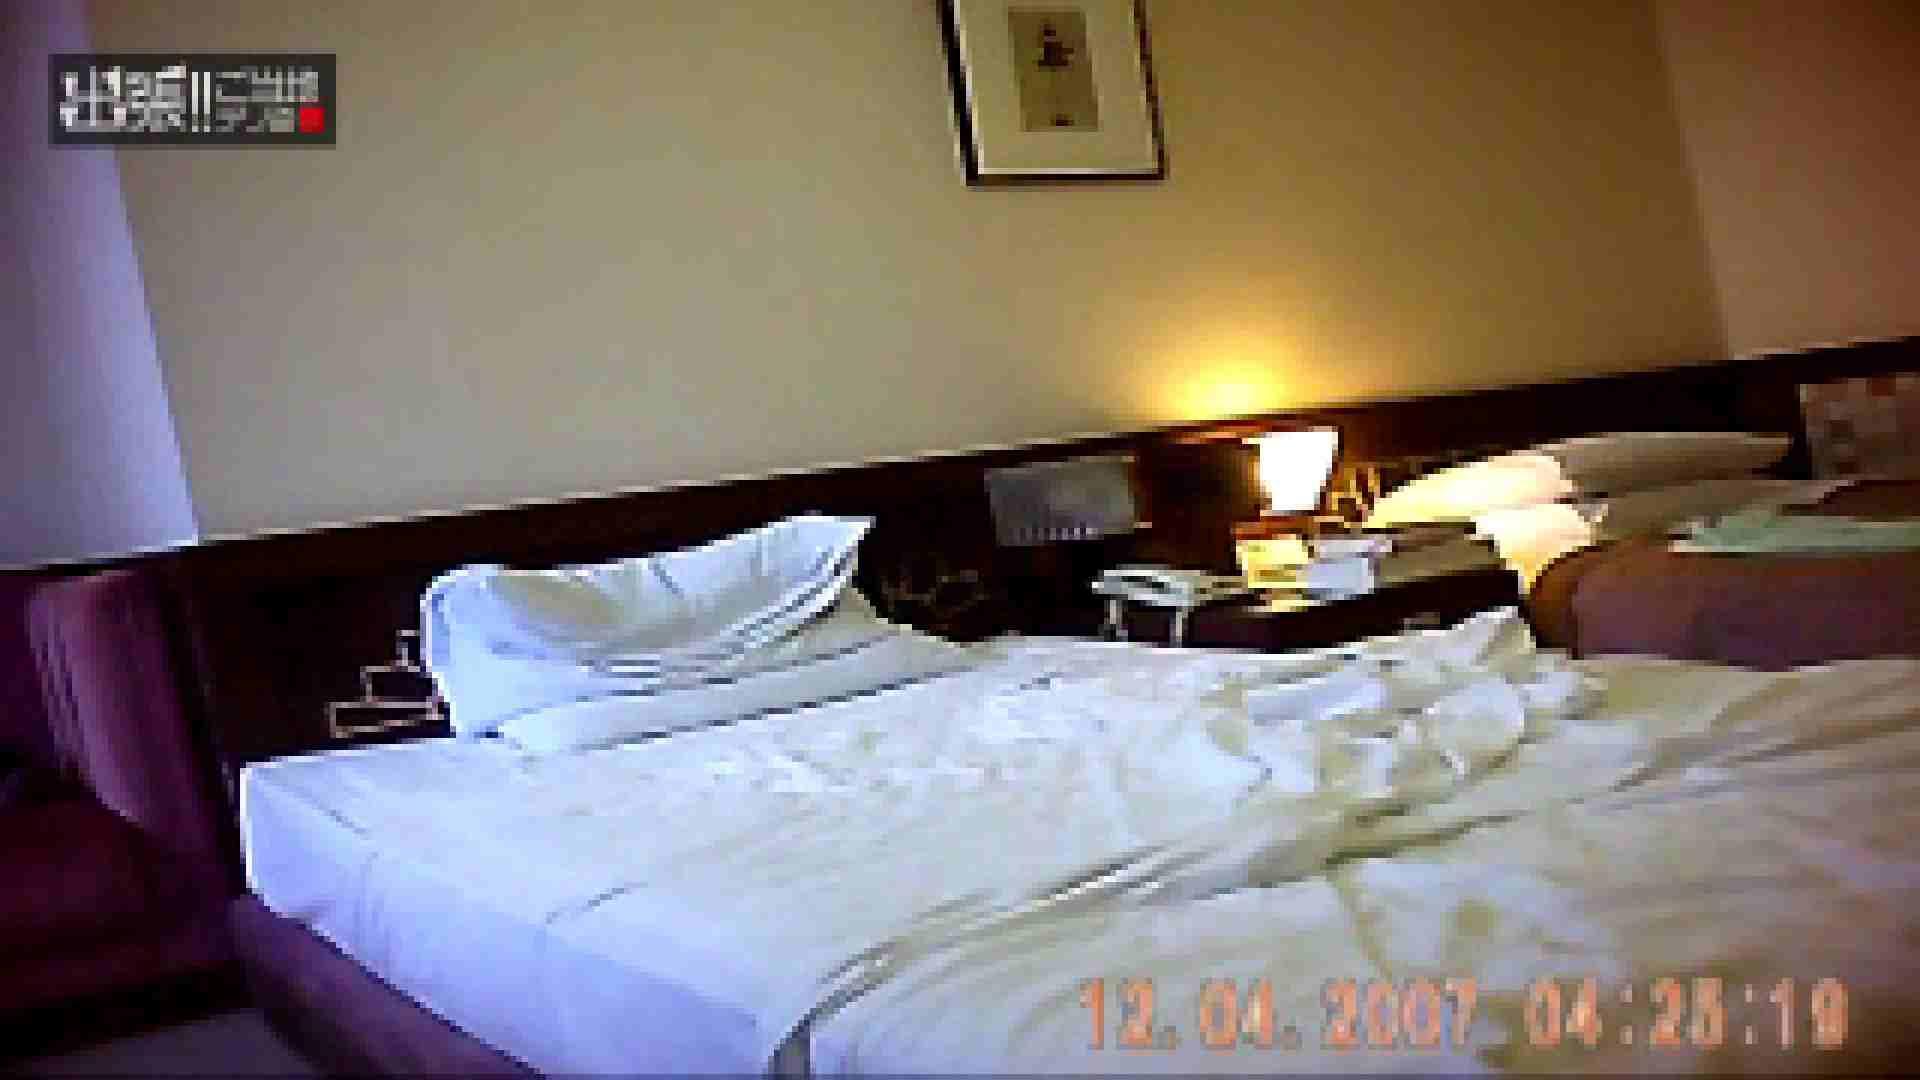 出張リーマンのデリ嬢隠し撮り第2弾vol.3 美しいOLの裸体 エロ画像 105pic 62